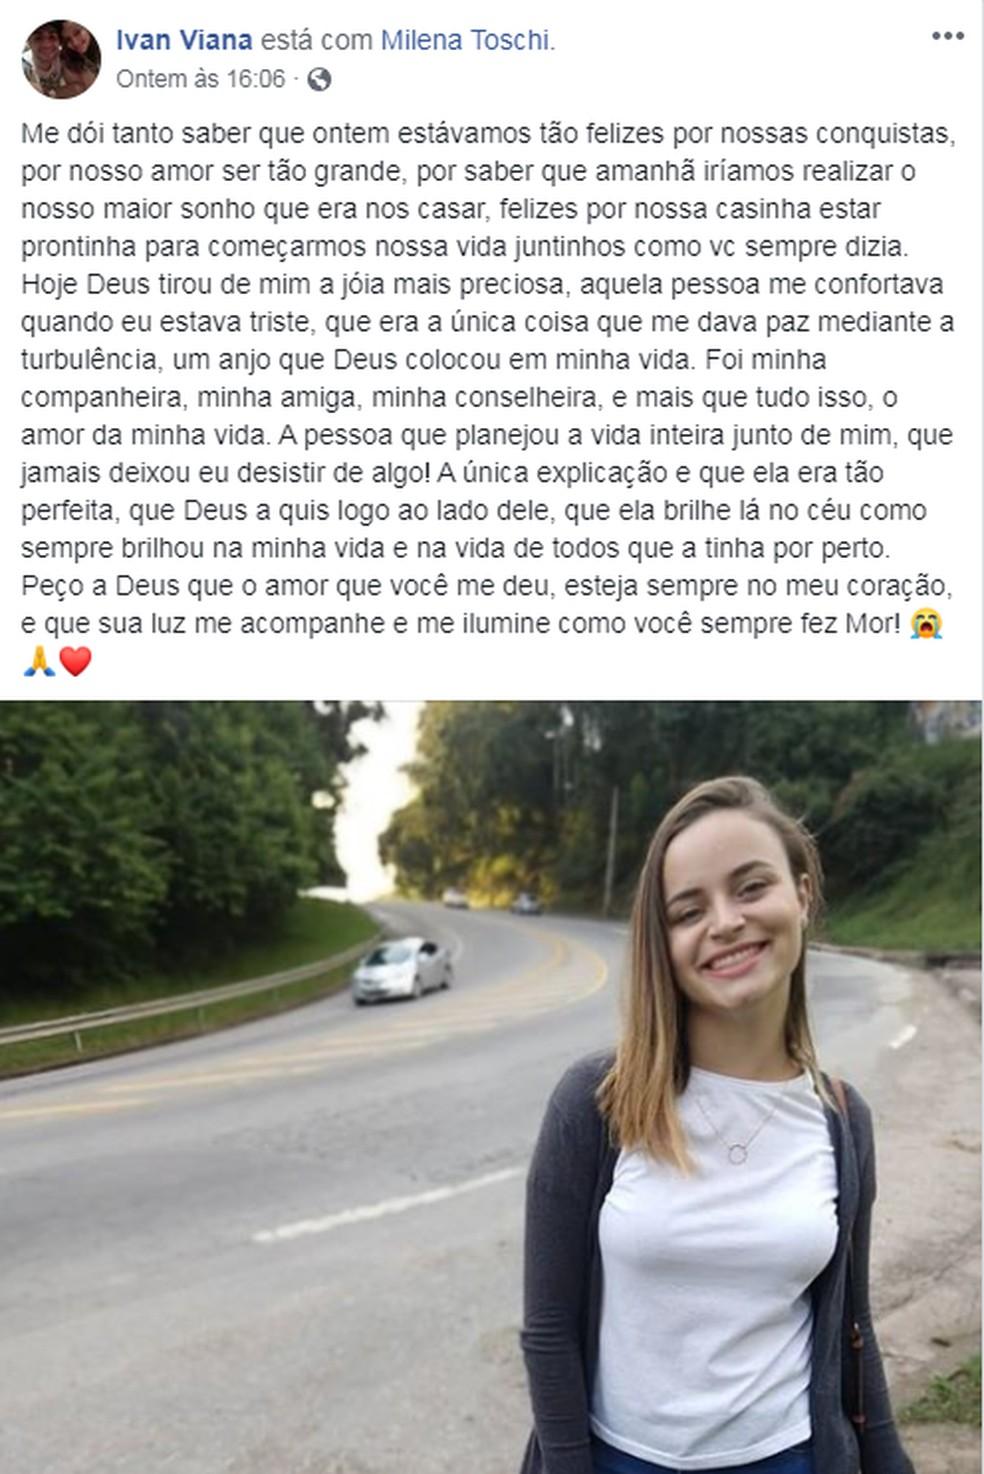 Noivo presta homenagem à noiva que morreu atropelada em Francisco Morato um dia antes do casamento — Foto: Reprodução/Facebook